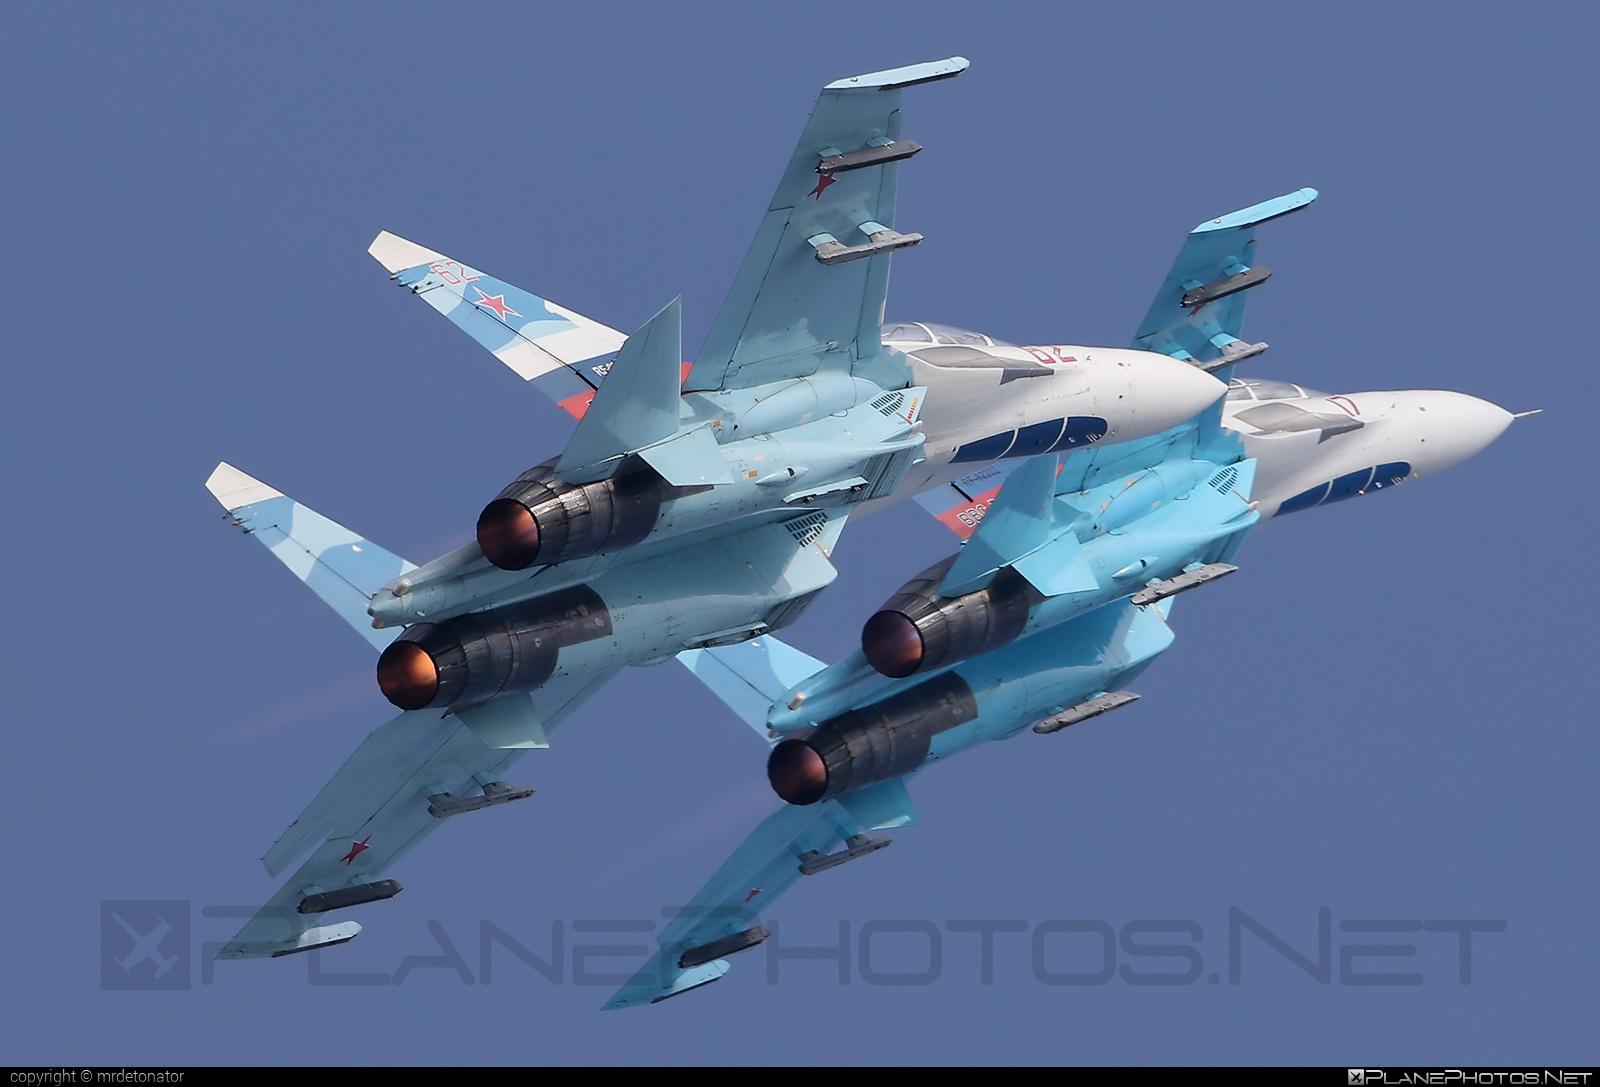 Sukhoi Su-27UB - 62 operated by Voyenno-vozdushnye sily Rossii (Russian Air Force) #su27 #su27ub #sukhoi #sukhoi27